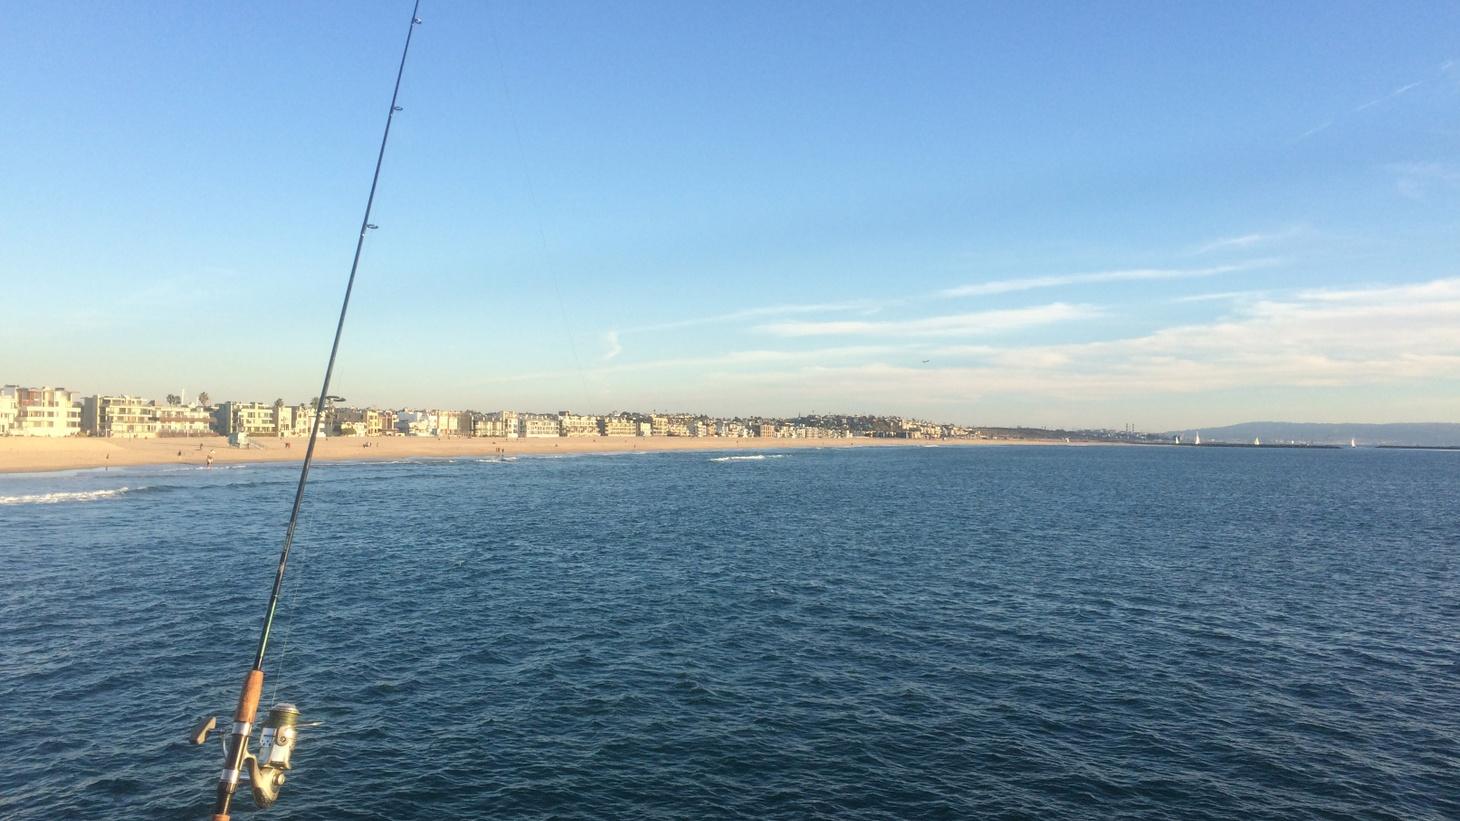 The Venice Pier.